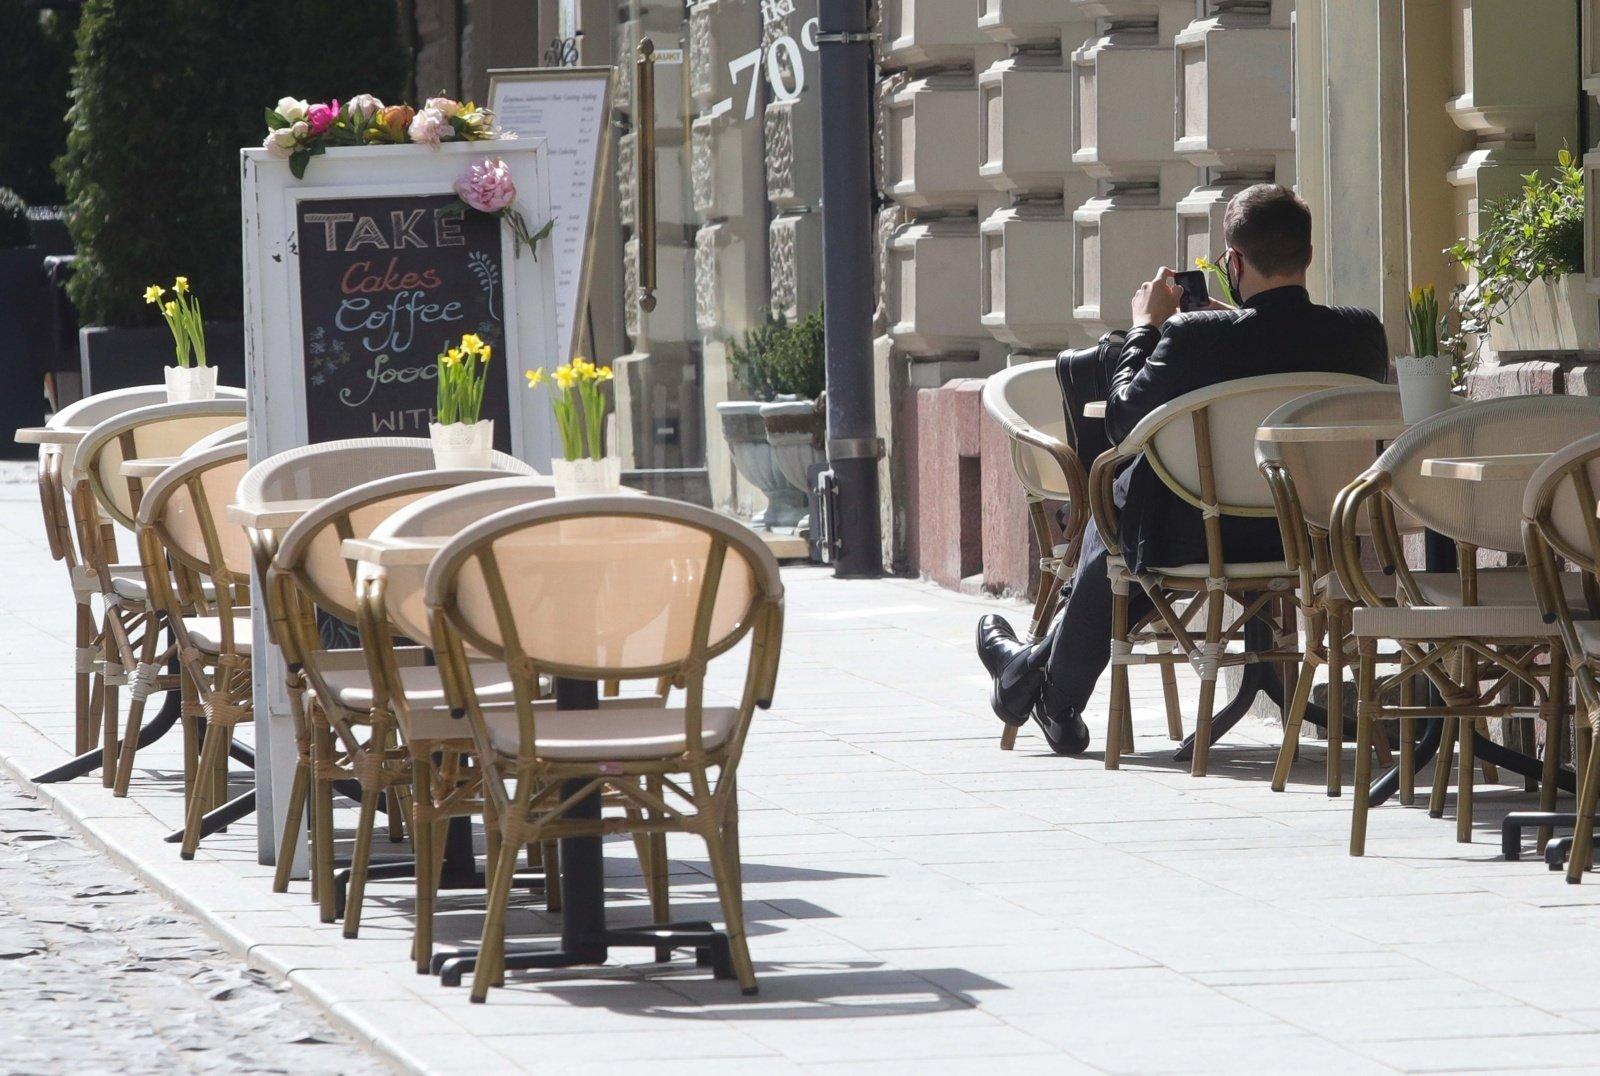 Laisvės partijos frakcija ragina Vyriausybę atverti parduotuves, muziejus, lauko kavines